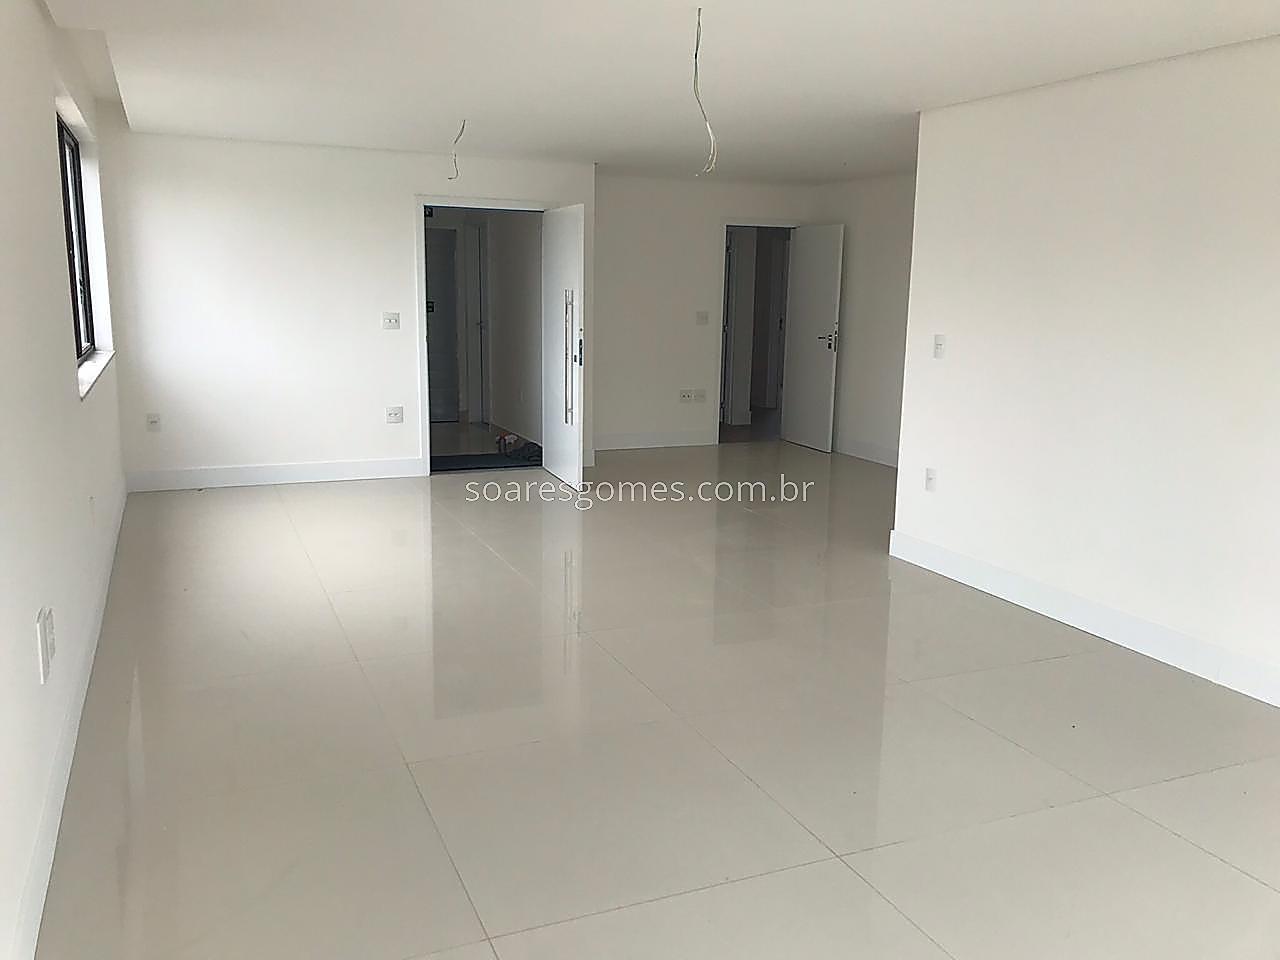 Apartamento à venda em Bom Pastor, Juiz de Fora - MG - Foto 3